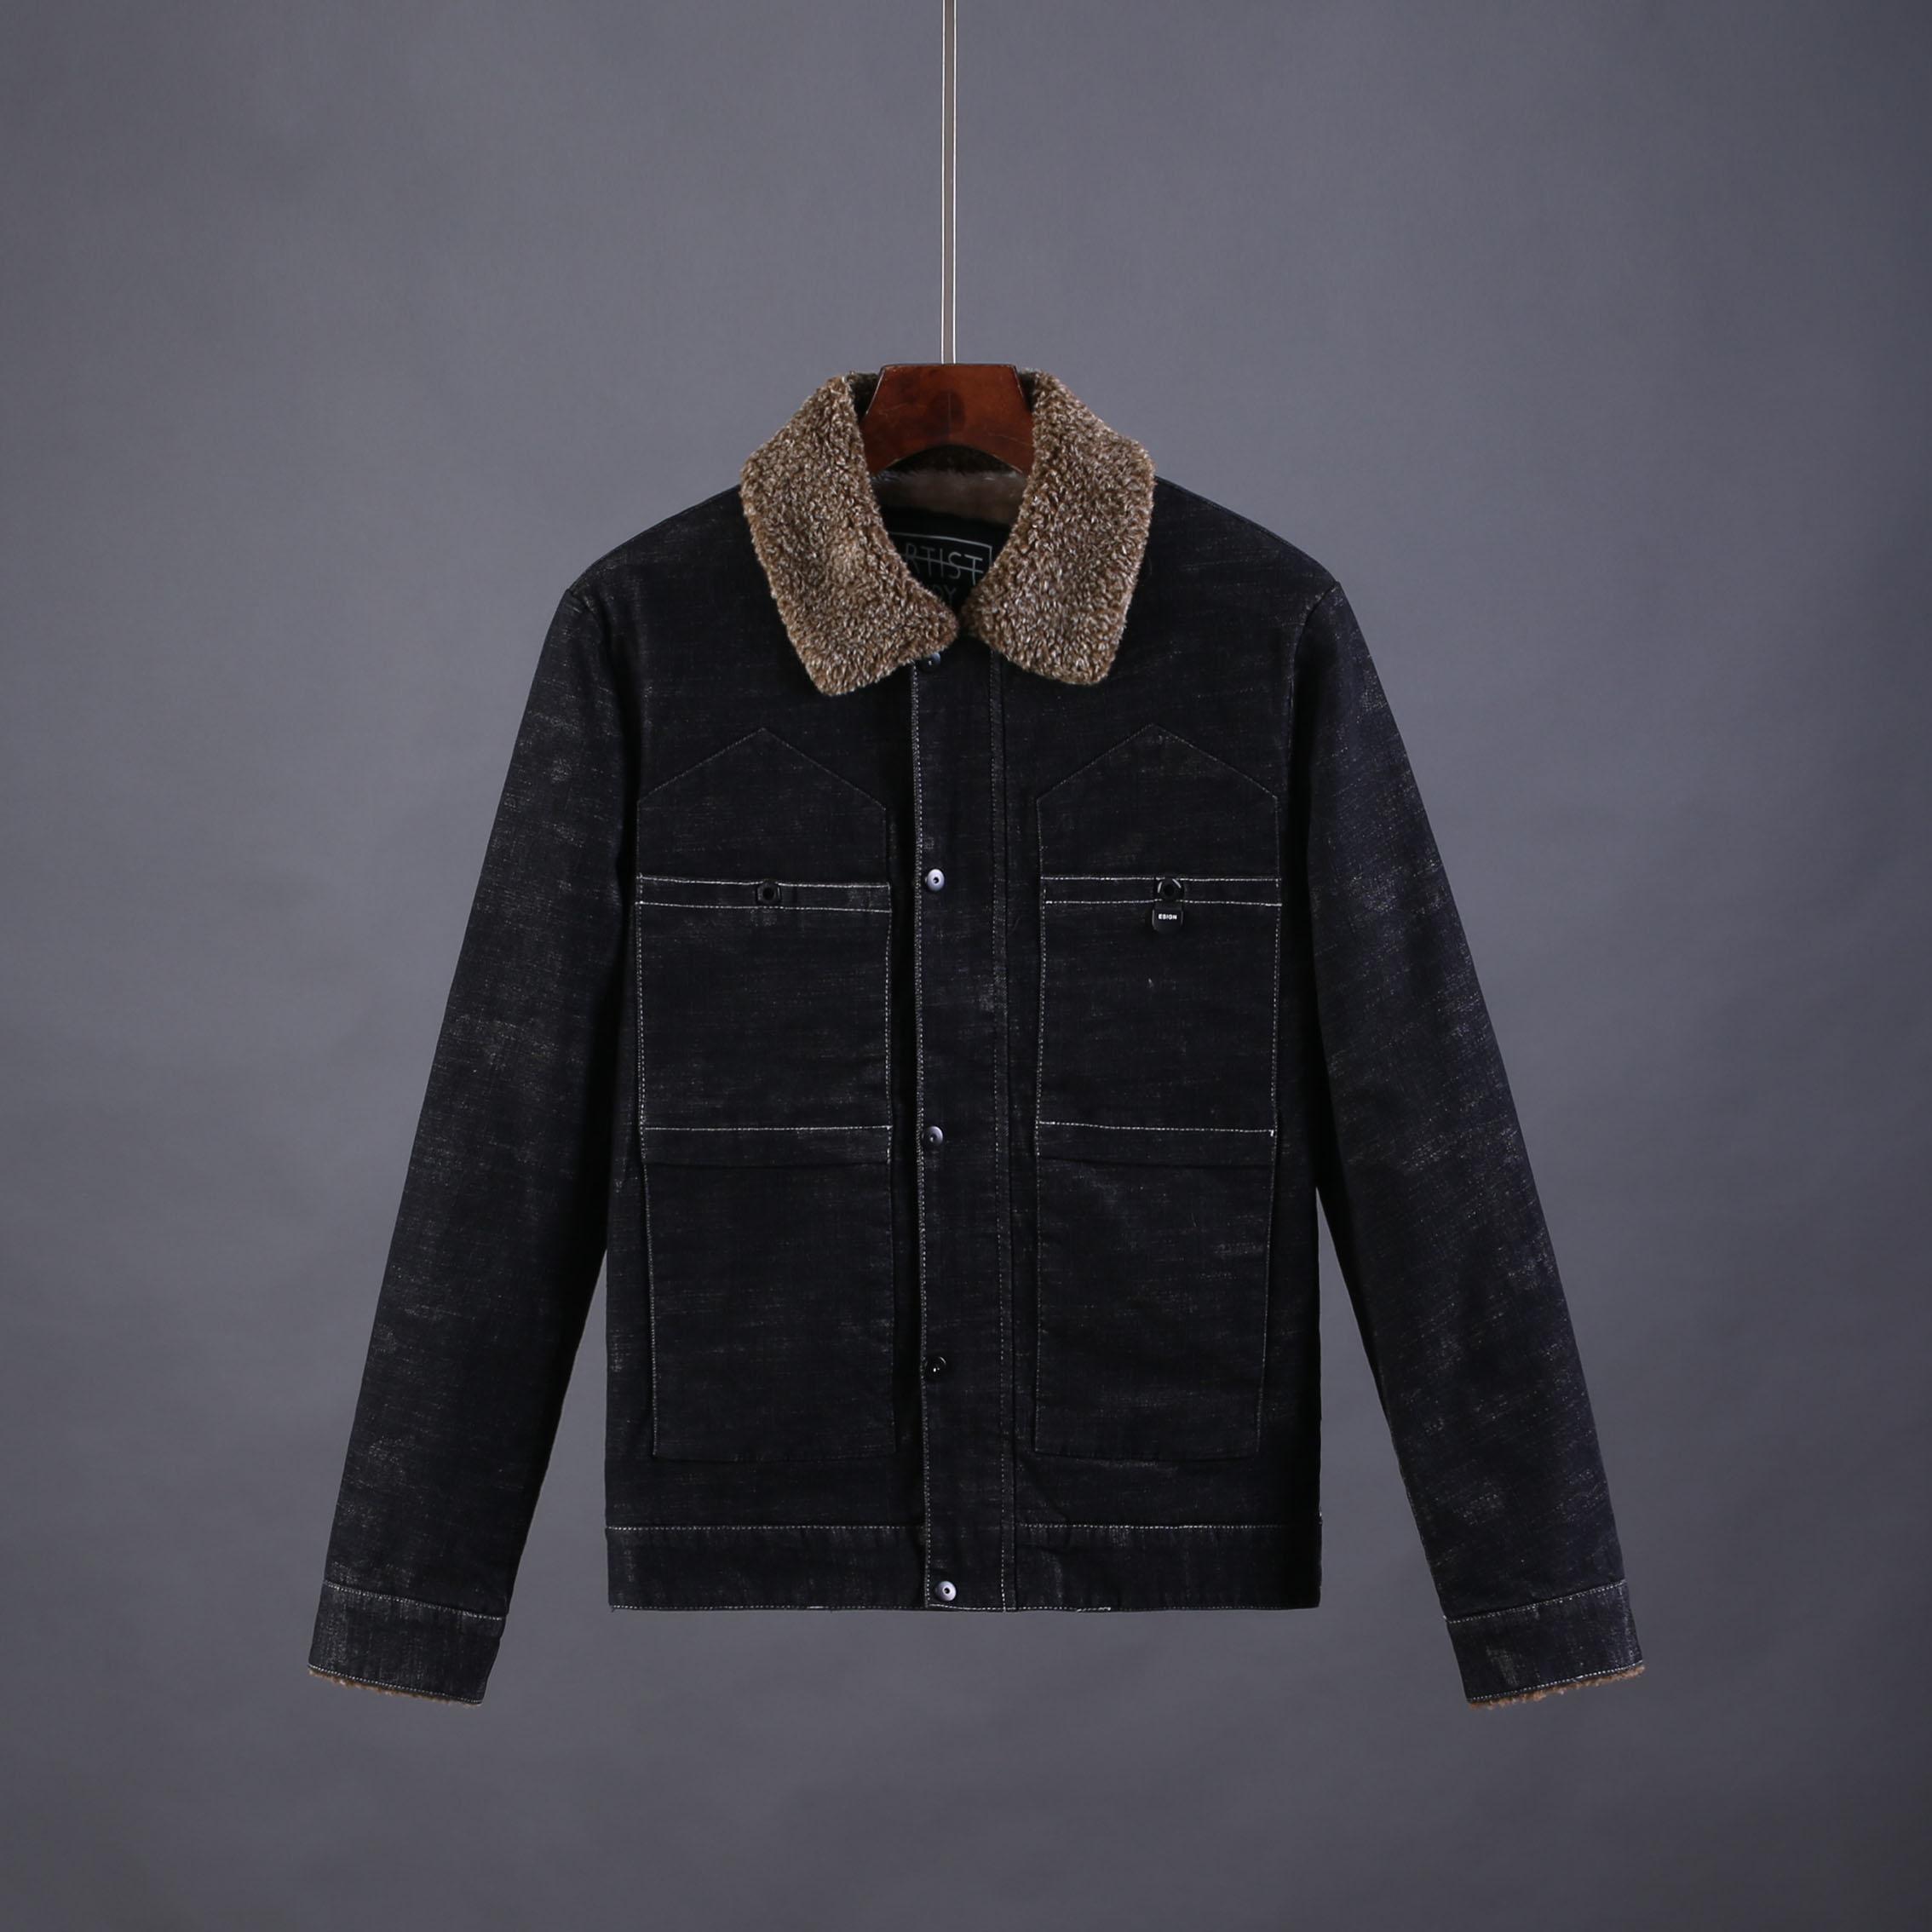 牛仔夹克 冬季加绒加厚男士宽松牛仔外套日系保暖夹克翻领工装牛仔上衣A855_推荐淘宝好看的男牛仔夹克